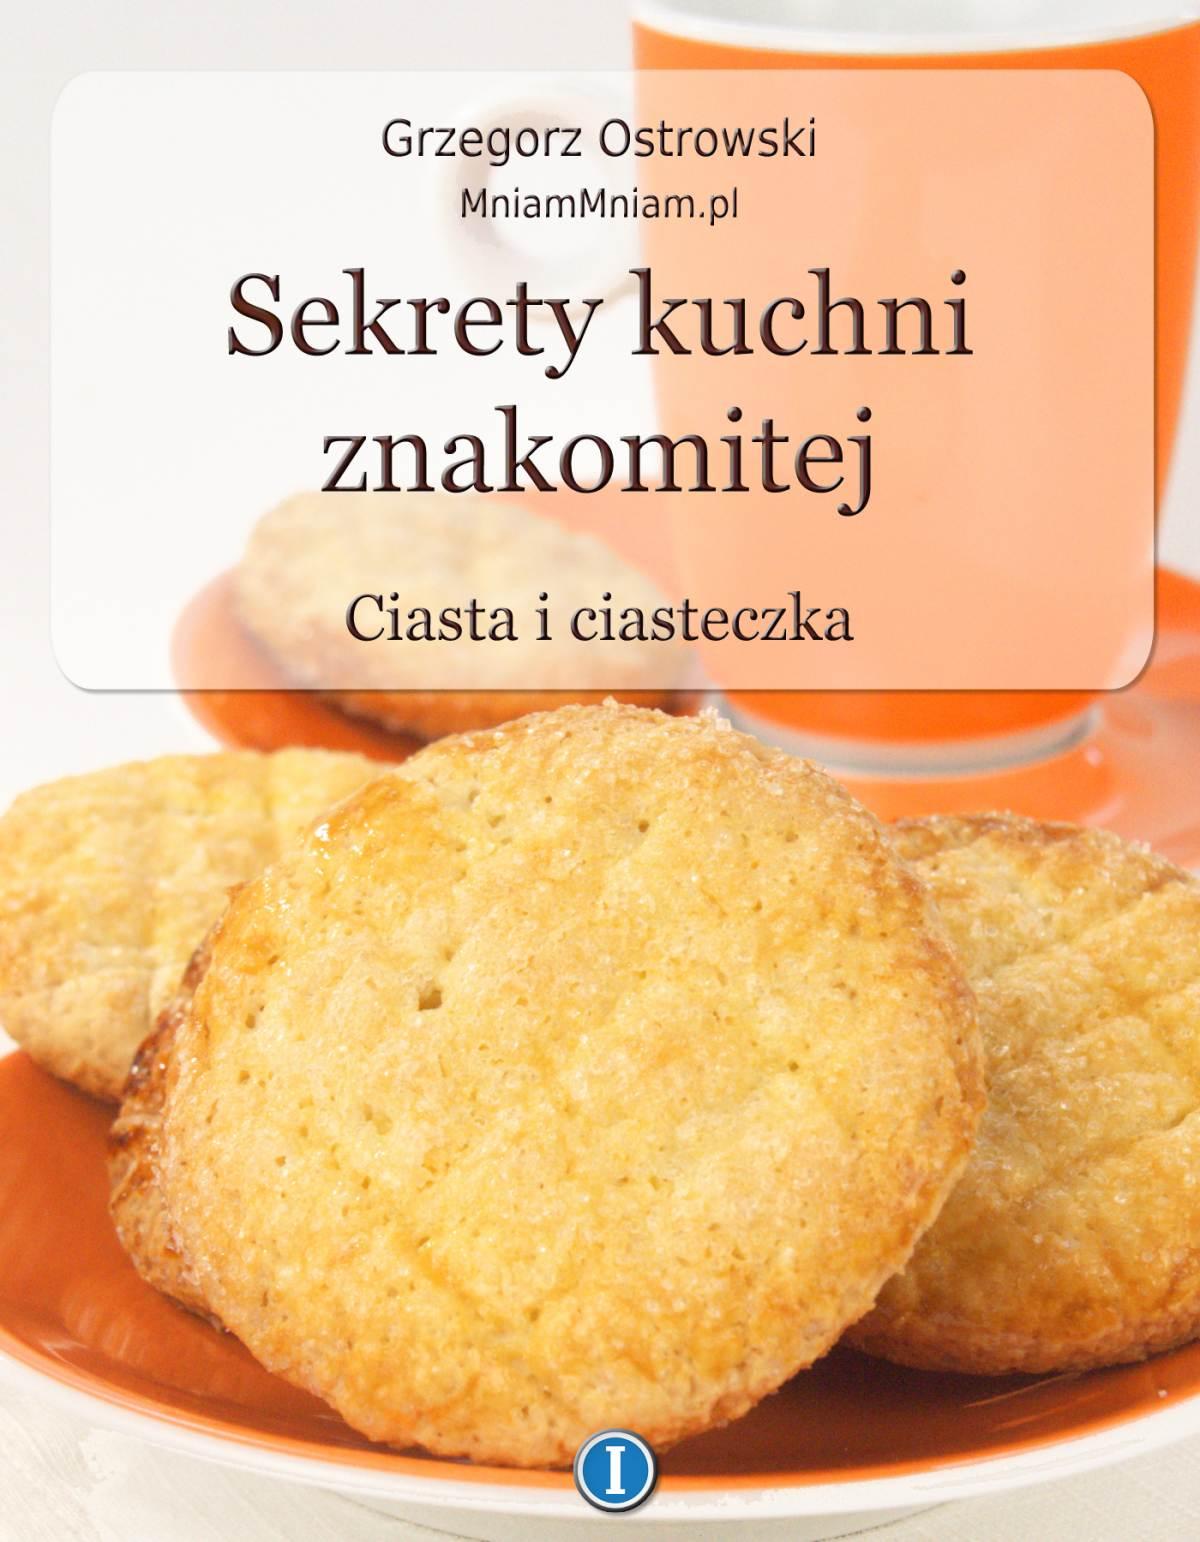 Sekrety kuchni znakomitej. Ciasta i ciasteczka - Ebook (Książka EPUB) do pobrania w formacie EPUB